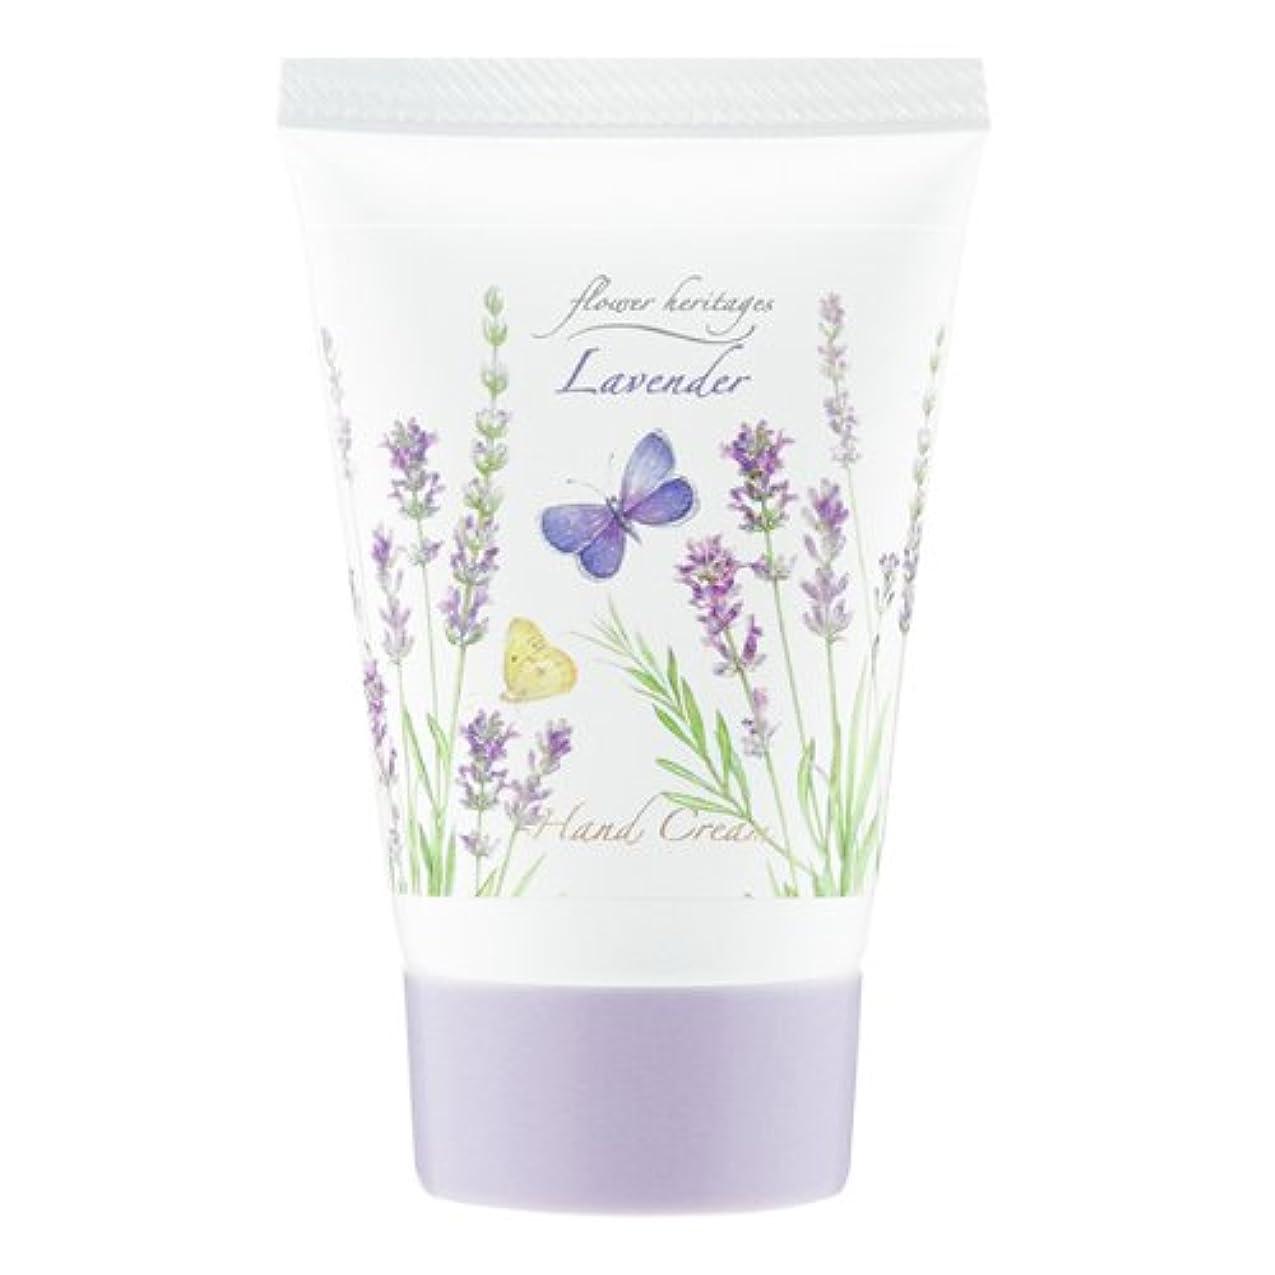 連合保険金銭的ネイチャータッチ (Nature Touch) Flower Heritage ハンドクリーム40g/ラベンダー